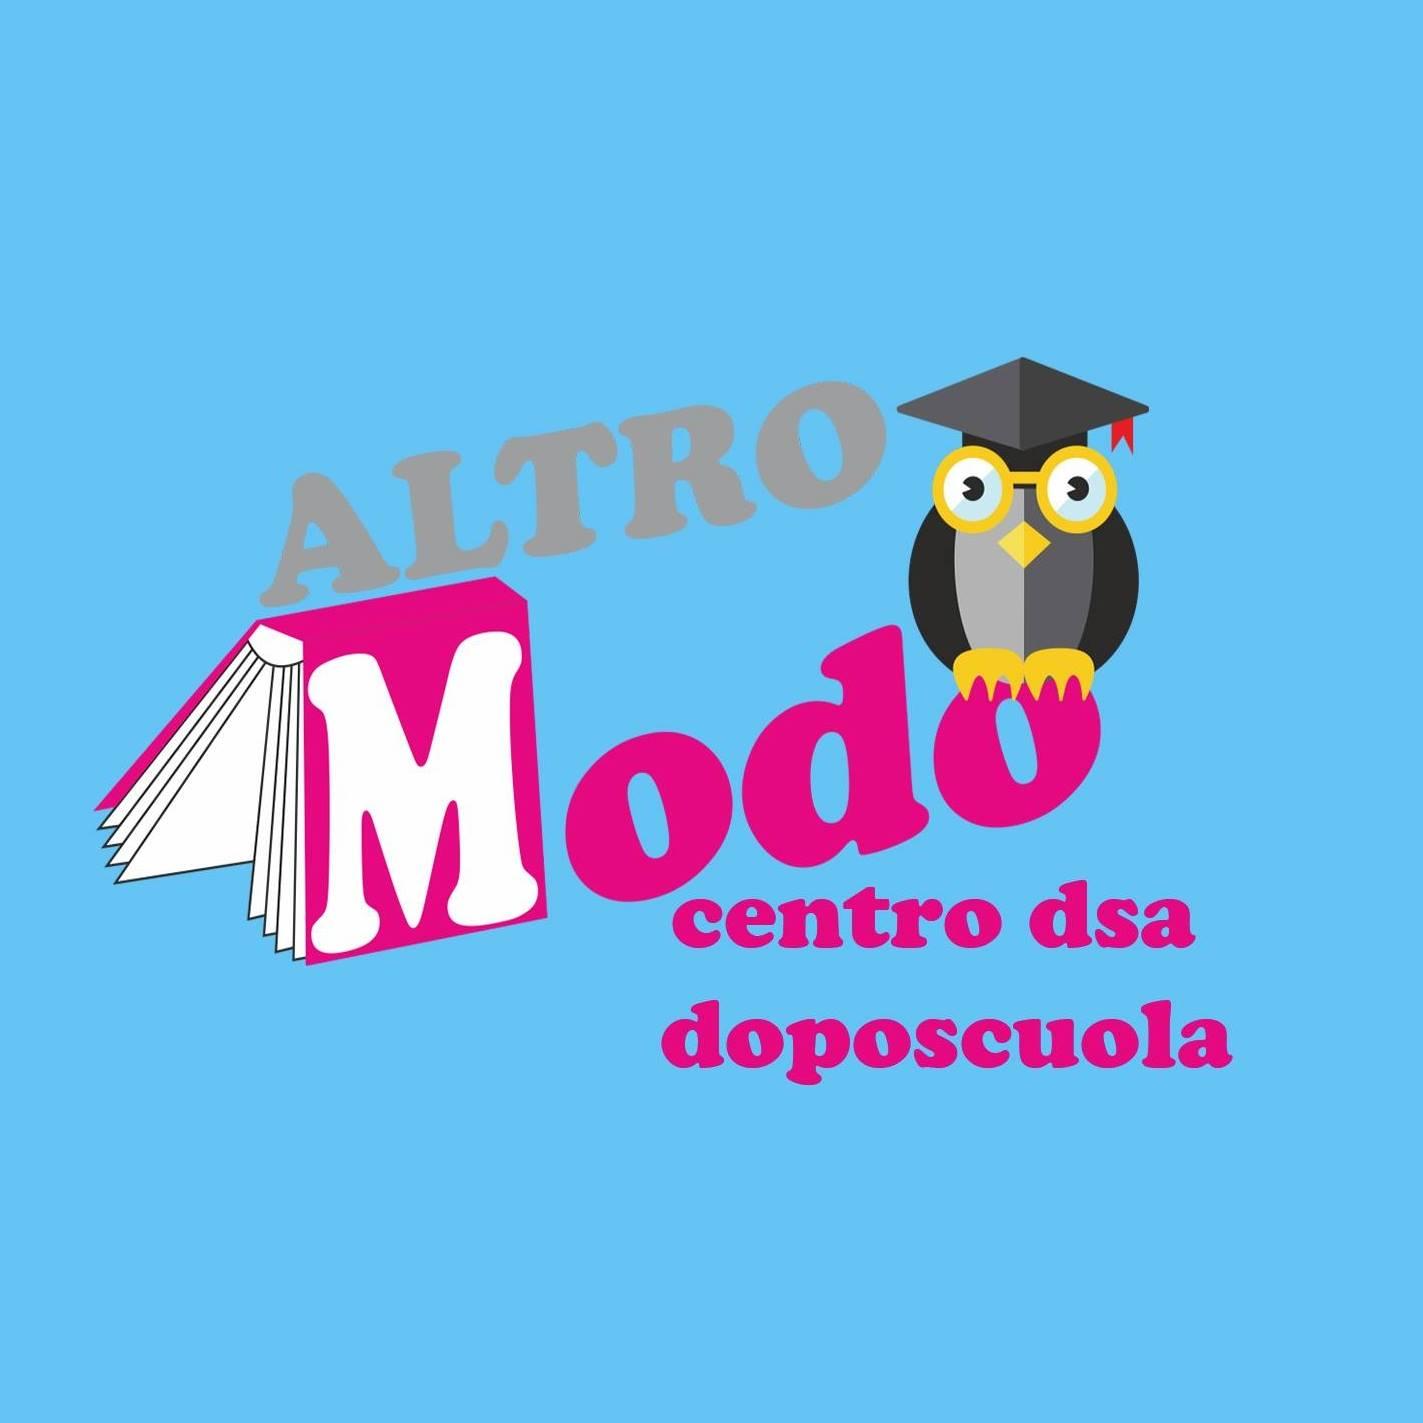 ALTROMODO